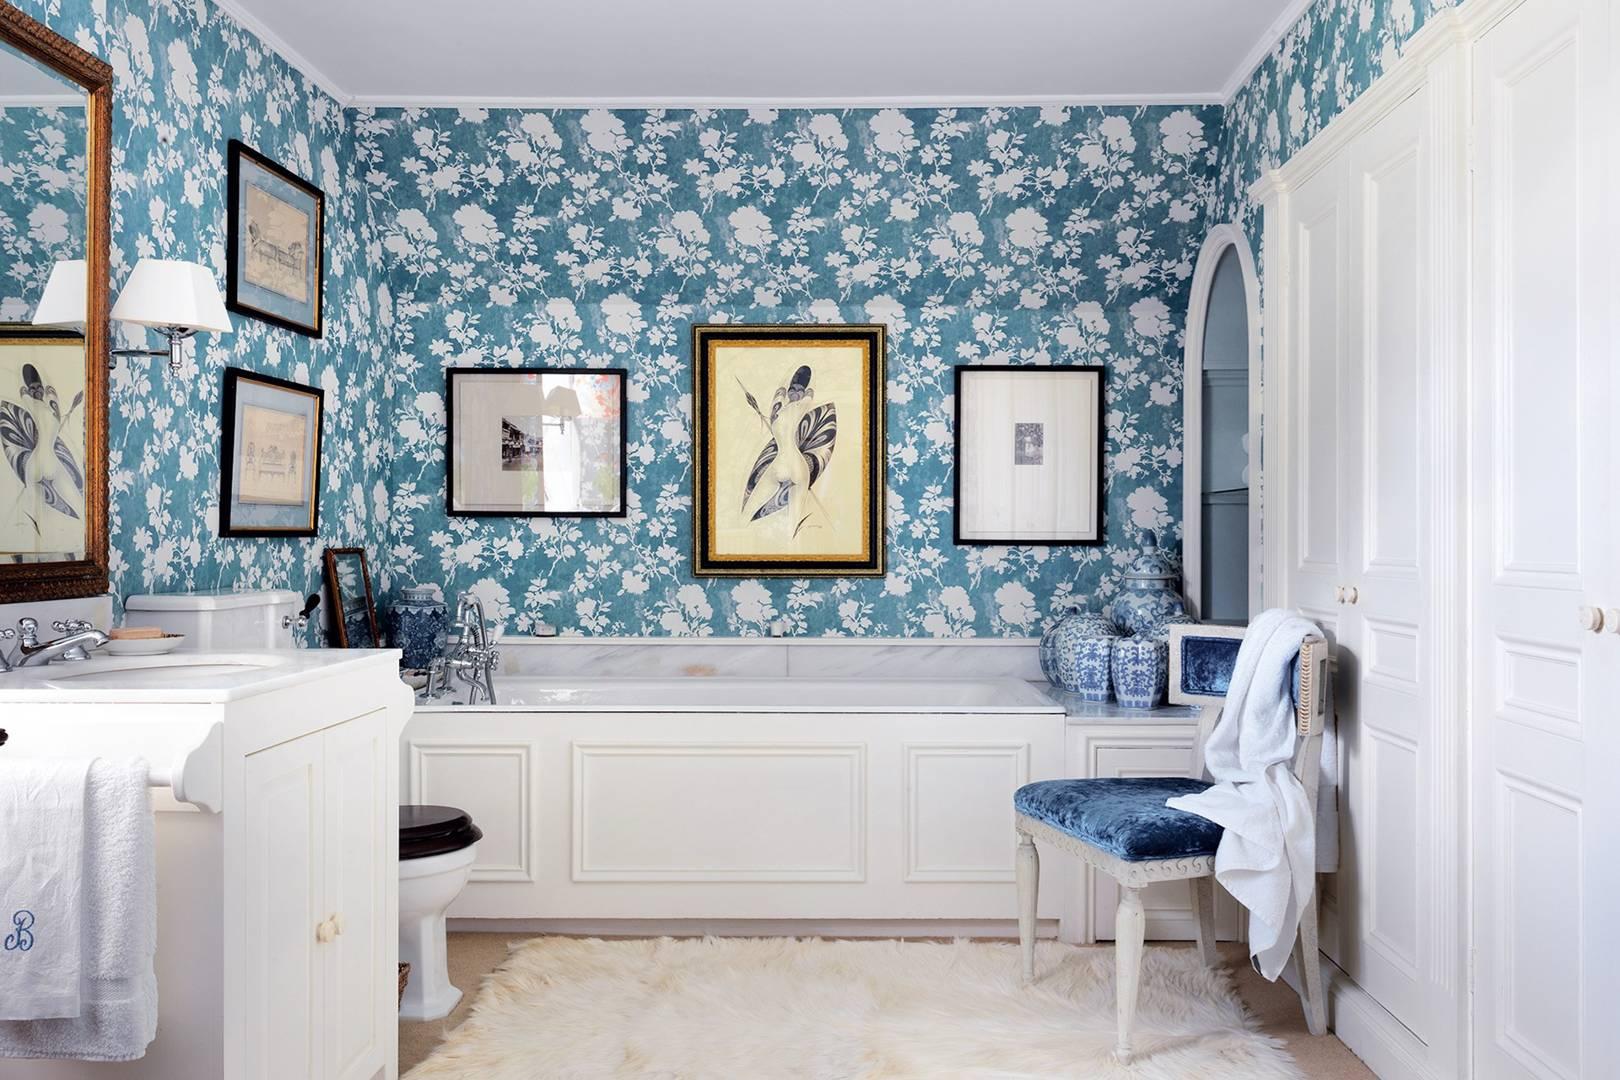 Bathroom wallpaper ideas | House & Garden